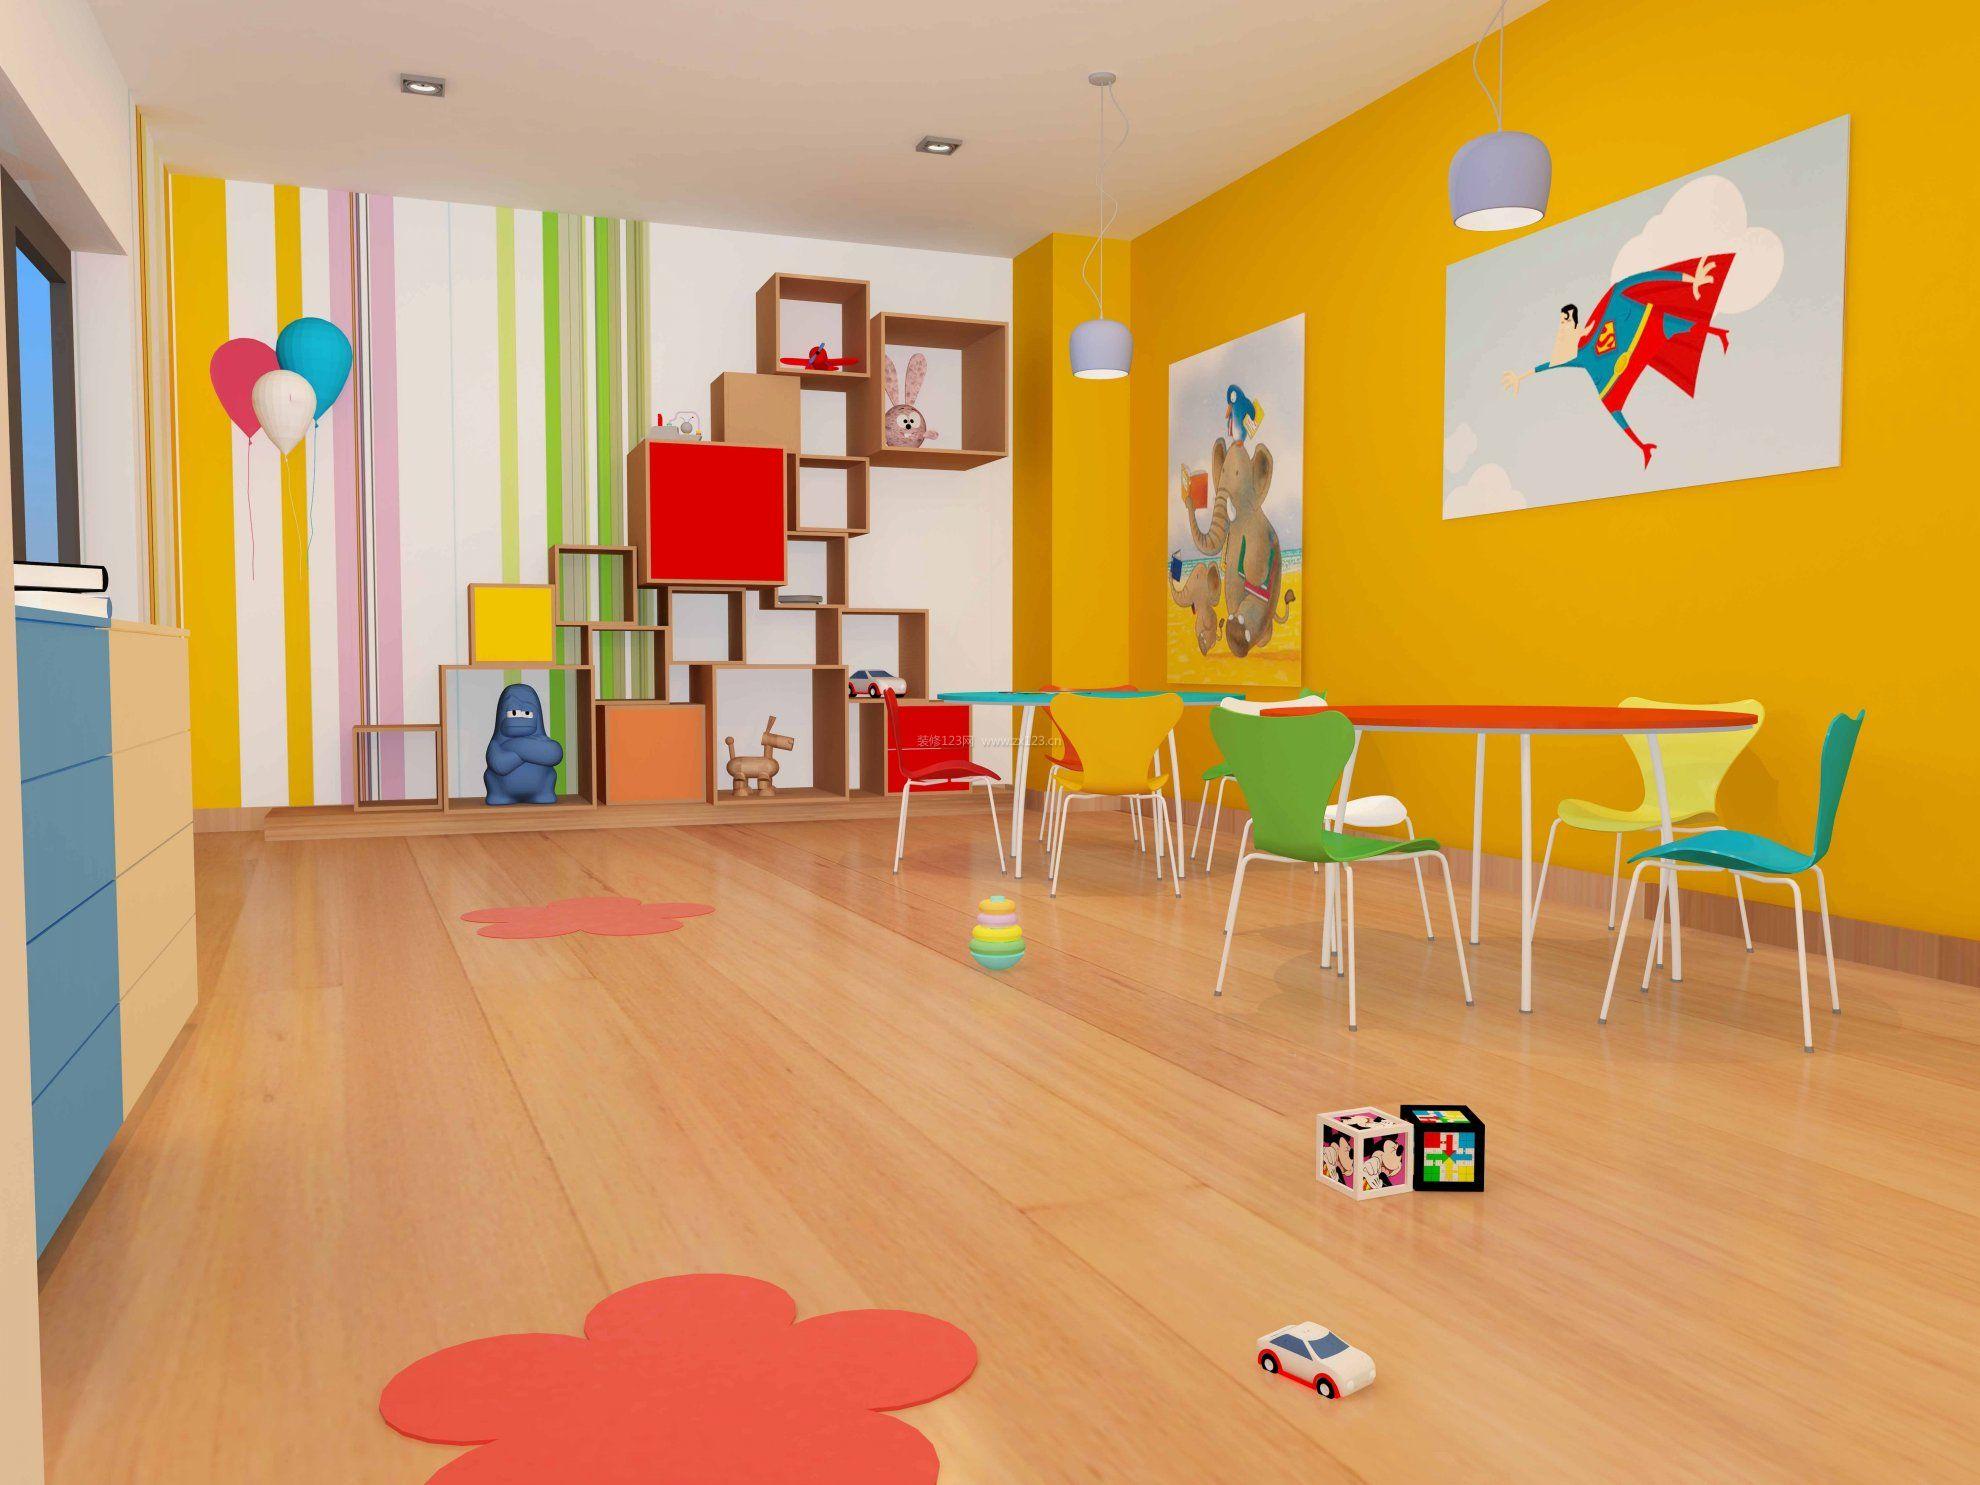 特色幼儿园室内装修浅色木地板效果图